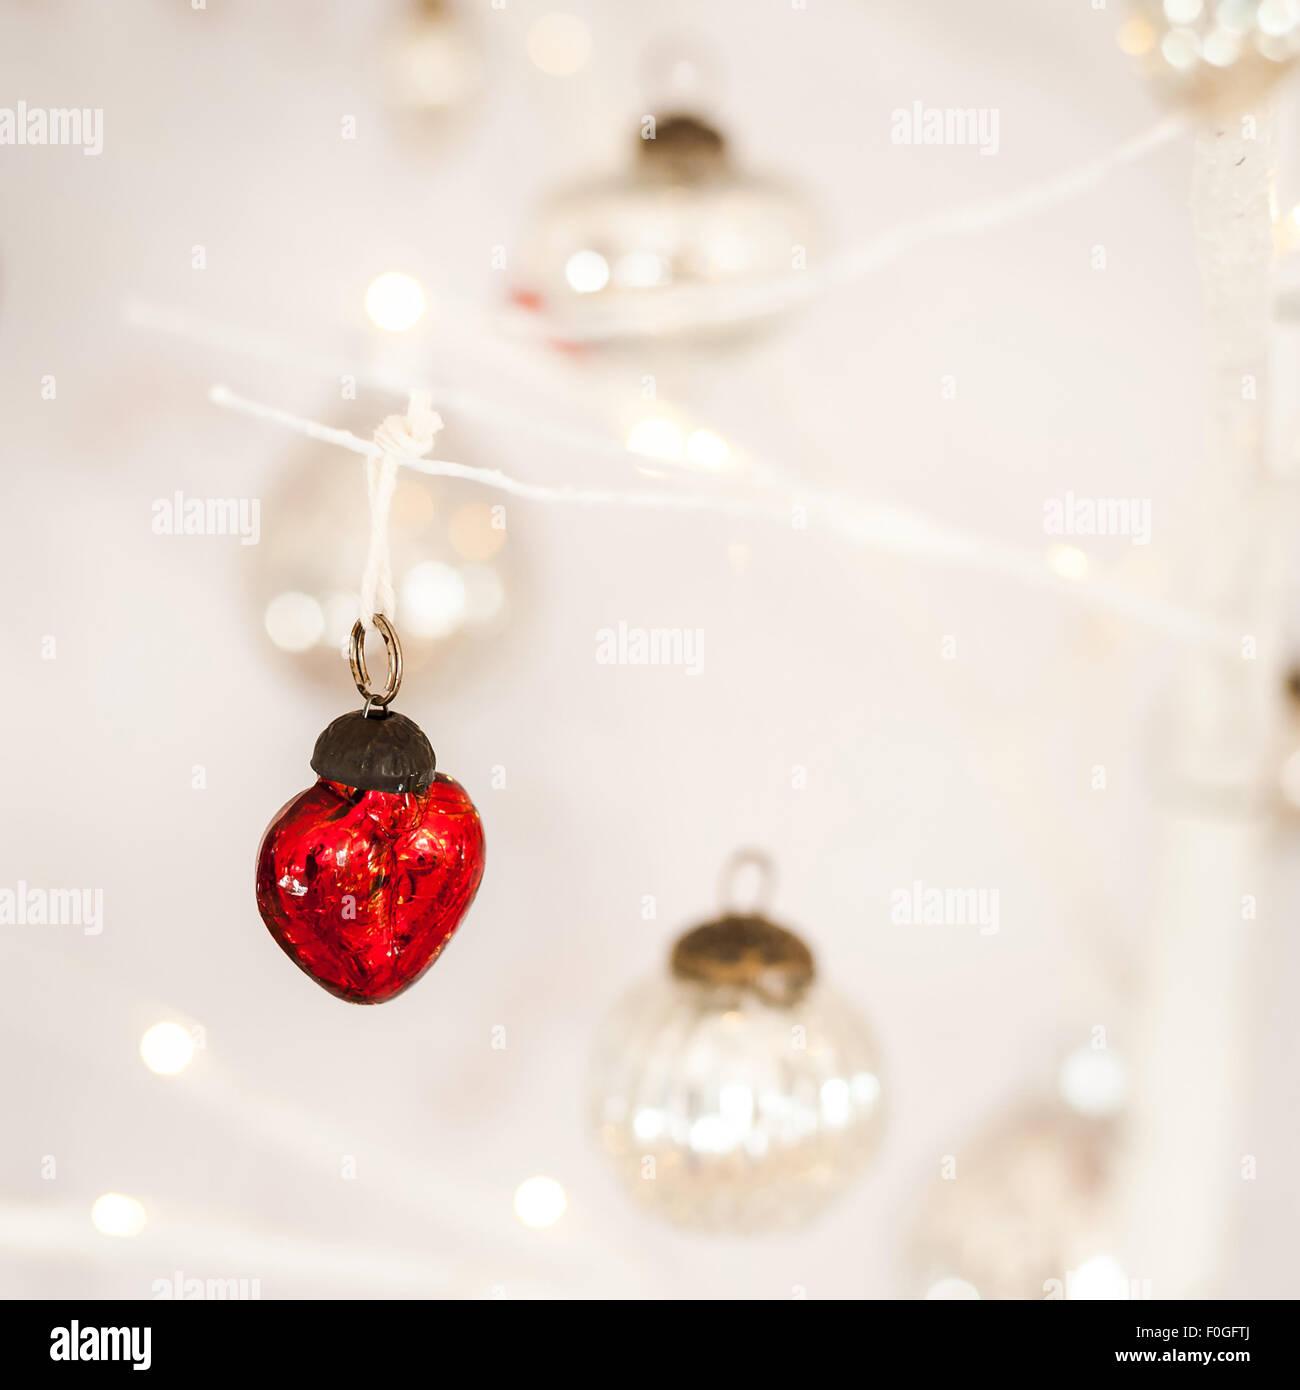 Primo piano di un cuore rossa a forma di pallina di vetro con argento e baubles bokeh in background Immagini Stock